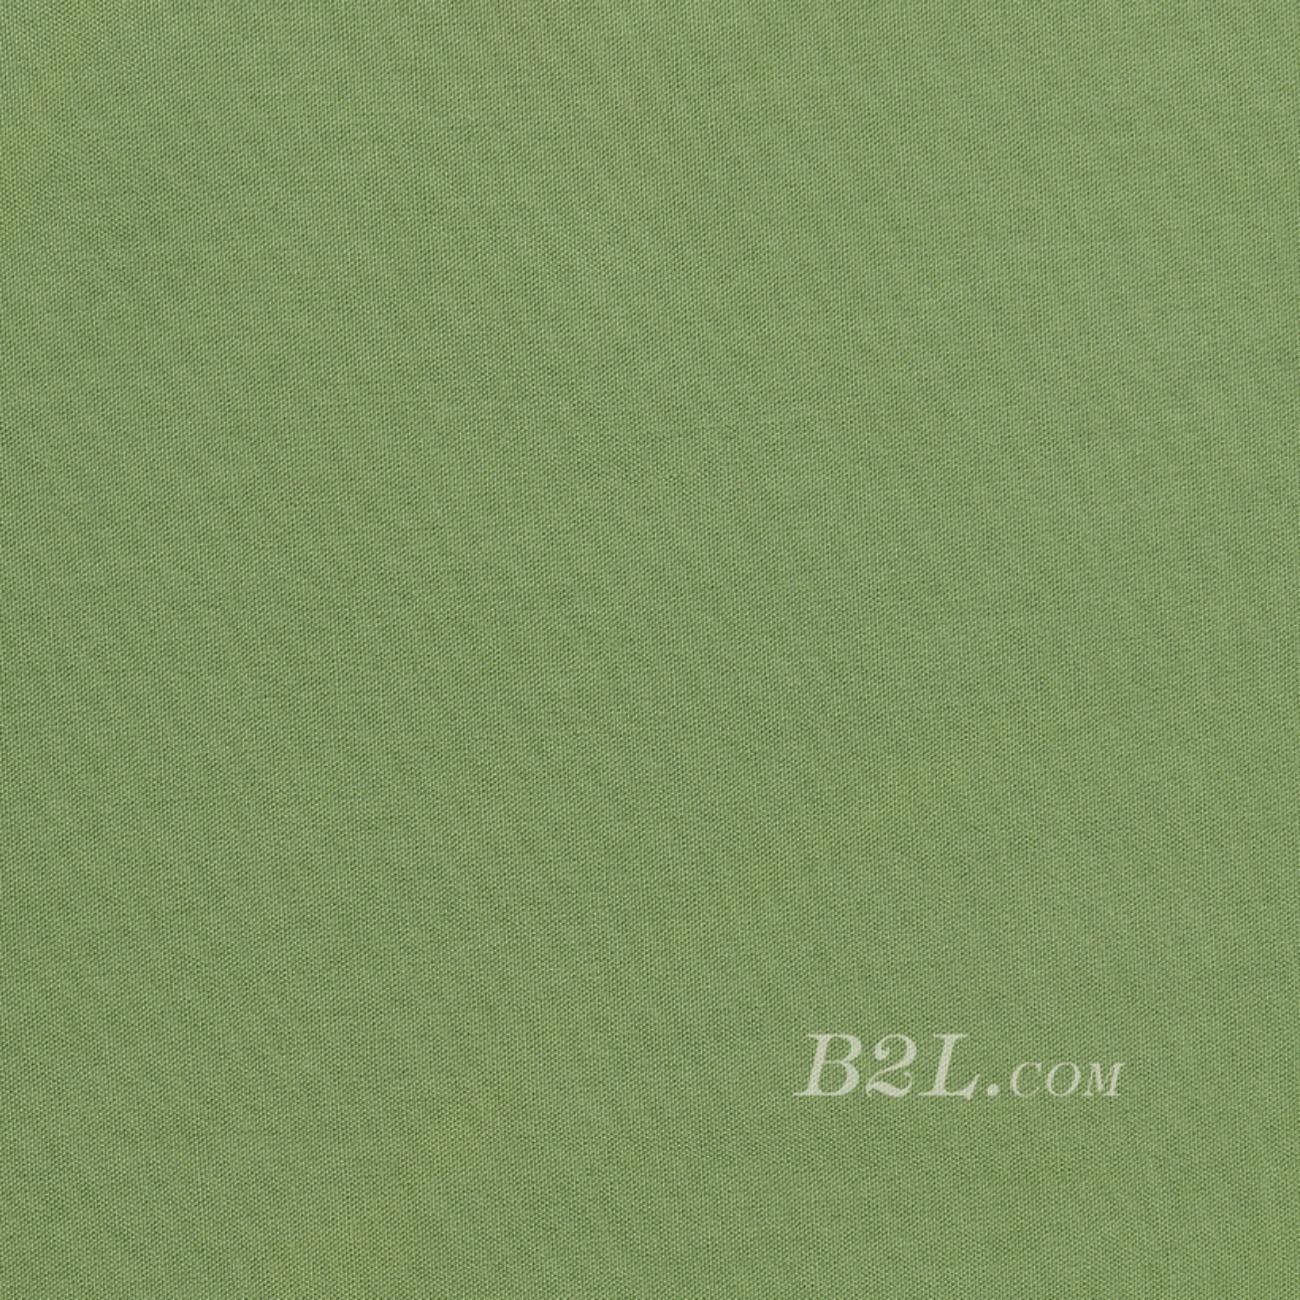 斜纹梭织素色麻感春秋染色布无弹衬衫面料连衣裙短裙面料70724-9